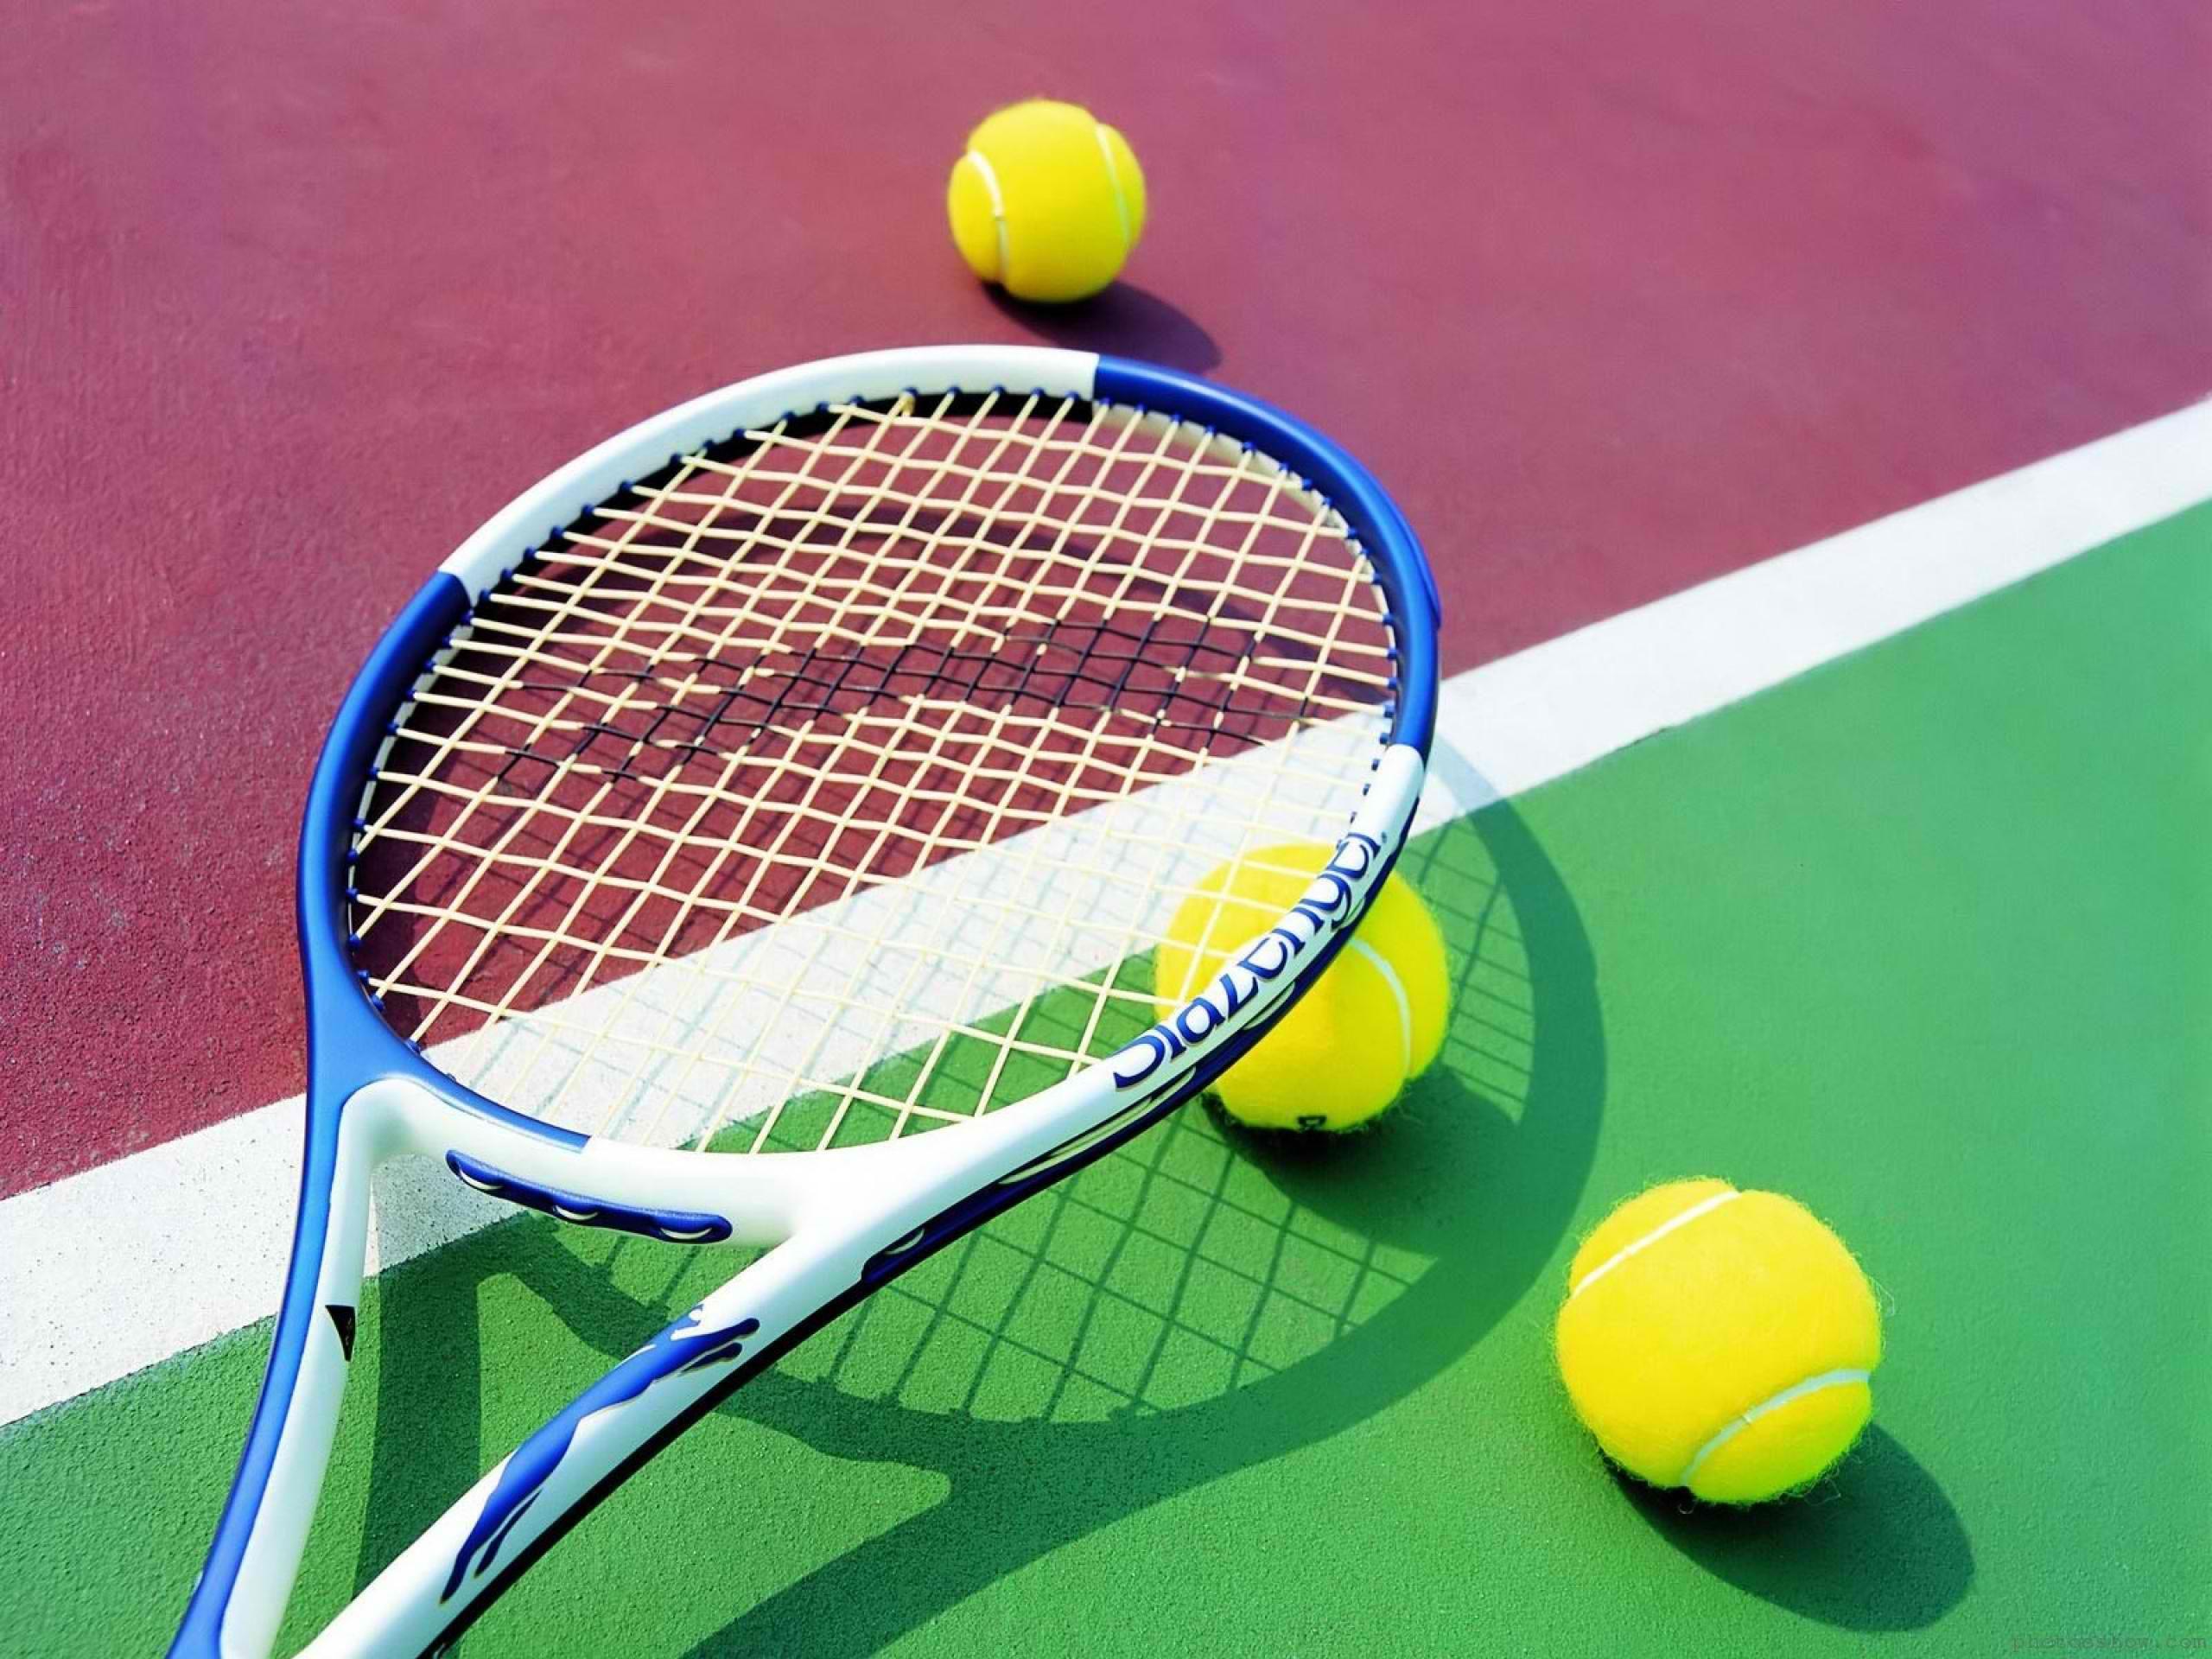 Tennis Homedecor Tennis Coach Sport Tennis Lessons Near Me Beverlyhillstennisacademy Tennisgoals Tennisphotos Trai Tennis Wallpaper Tennis Tennis Scores